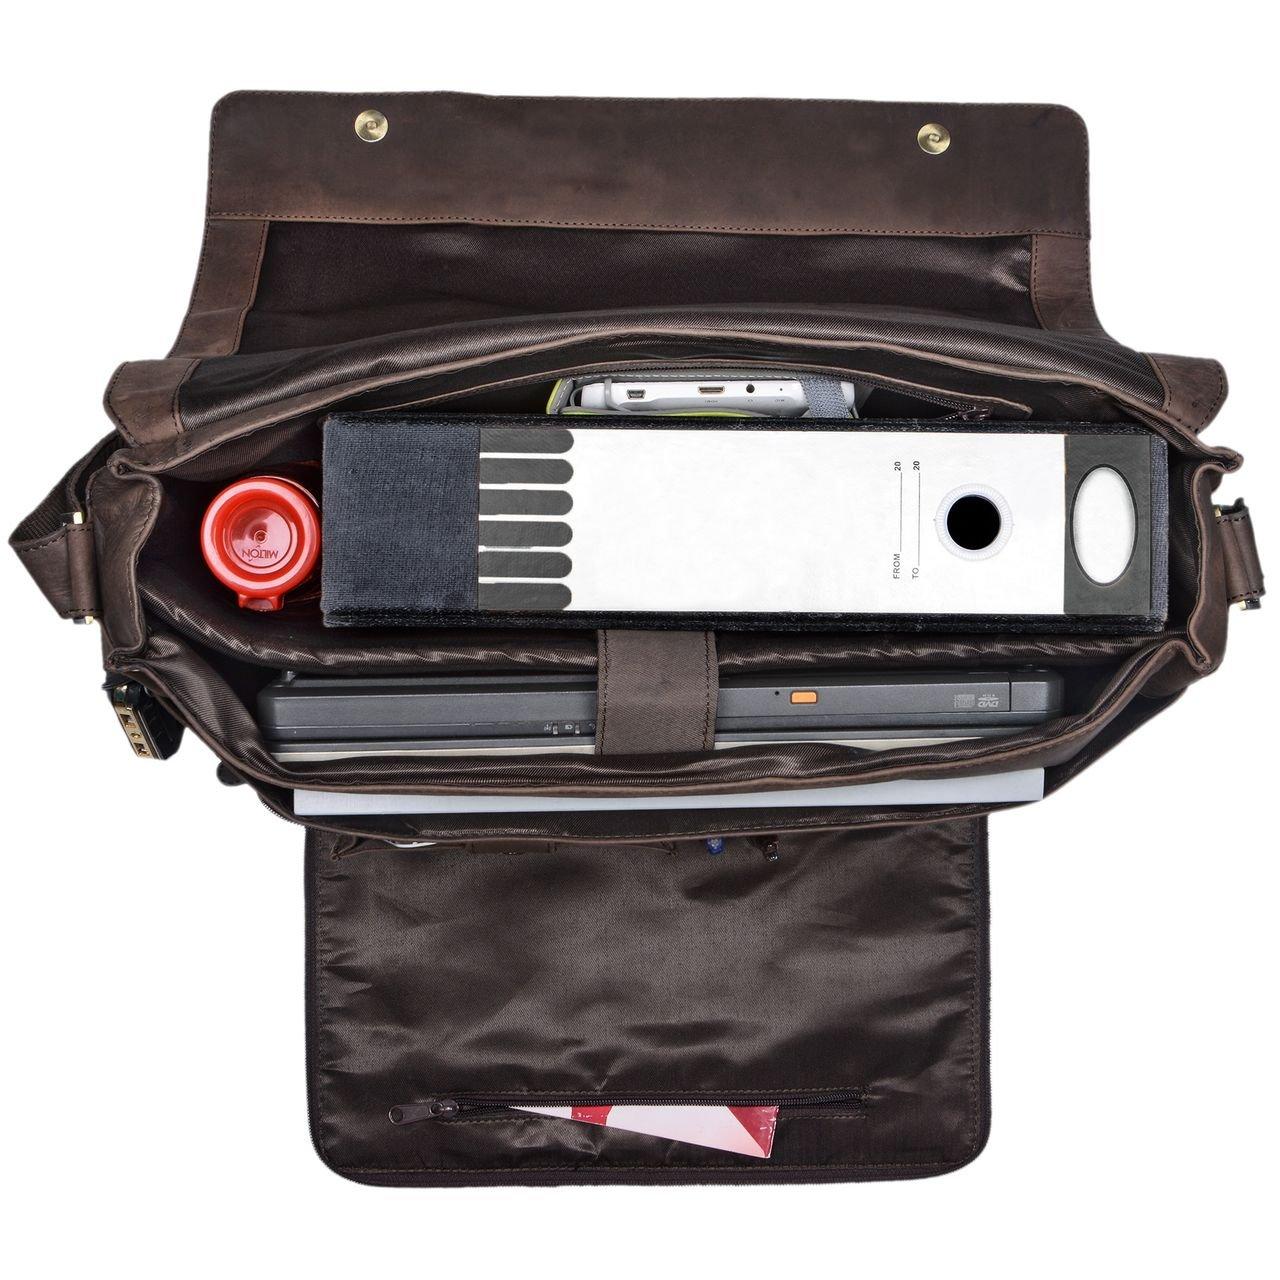 953d320d67 foncé pâle STILORD Maximus Sac à Bandoulière XXL Cuir Unisexe Design  Vintage Sacoche dOrdinateur Portable Serviette ...